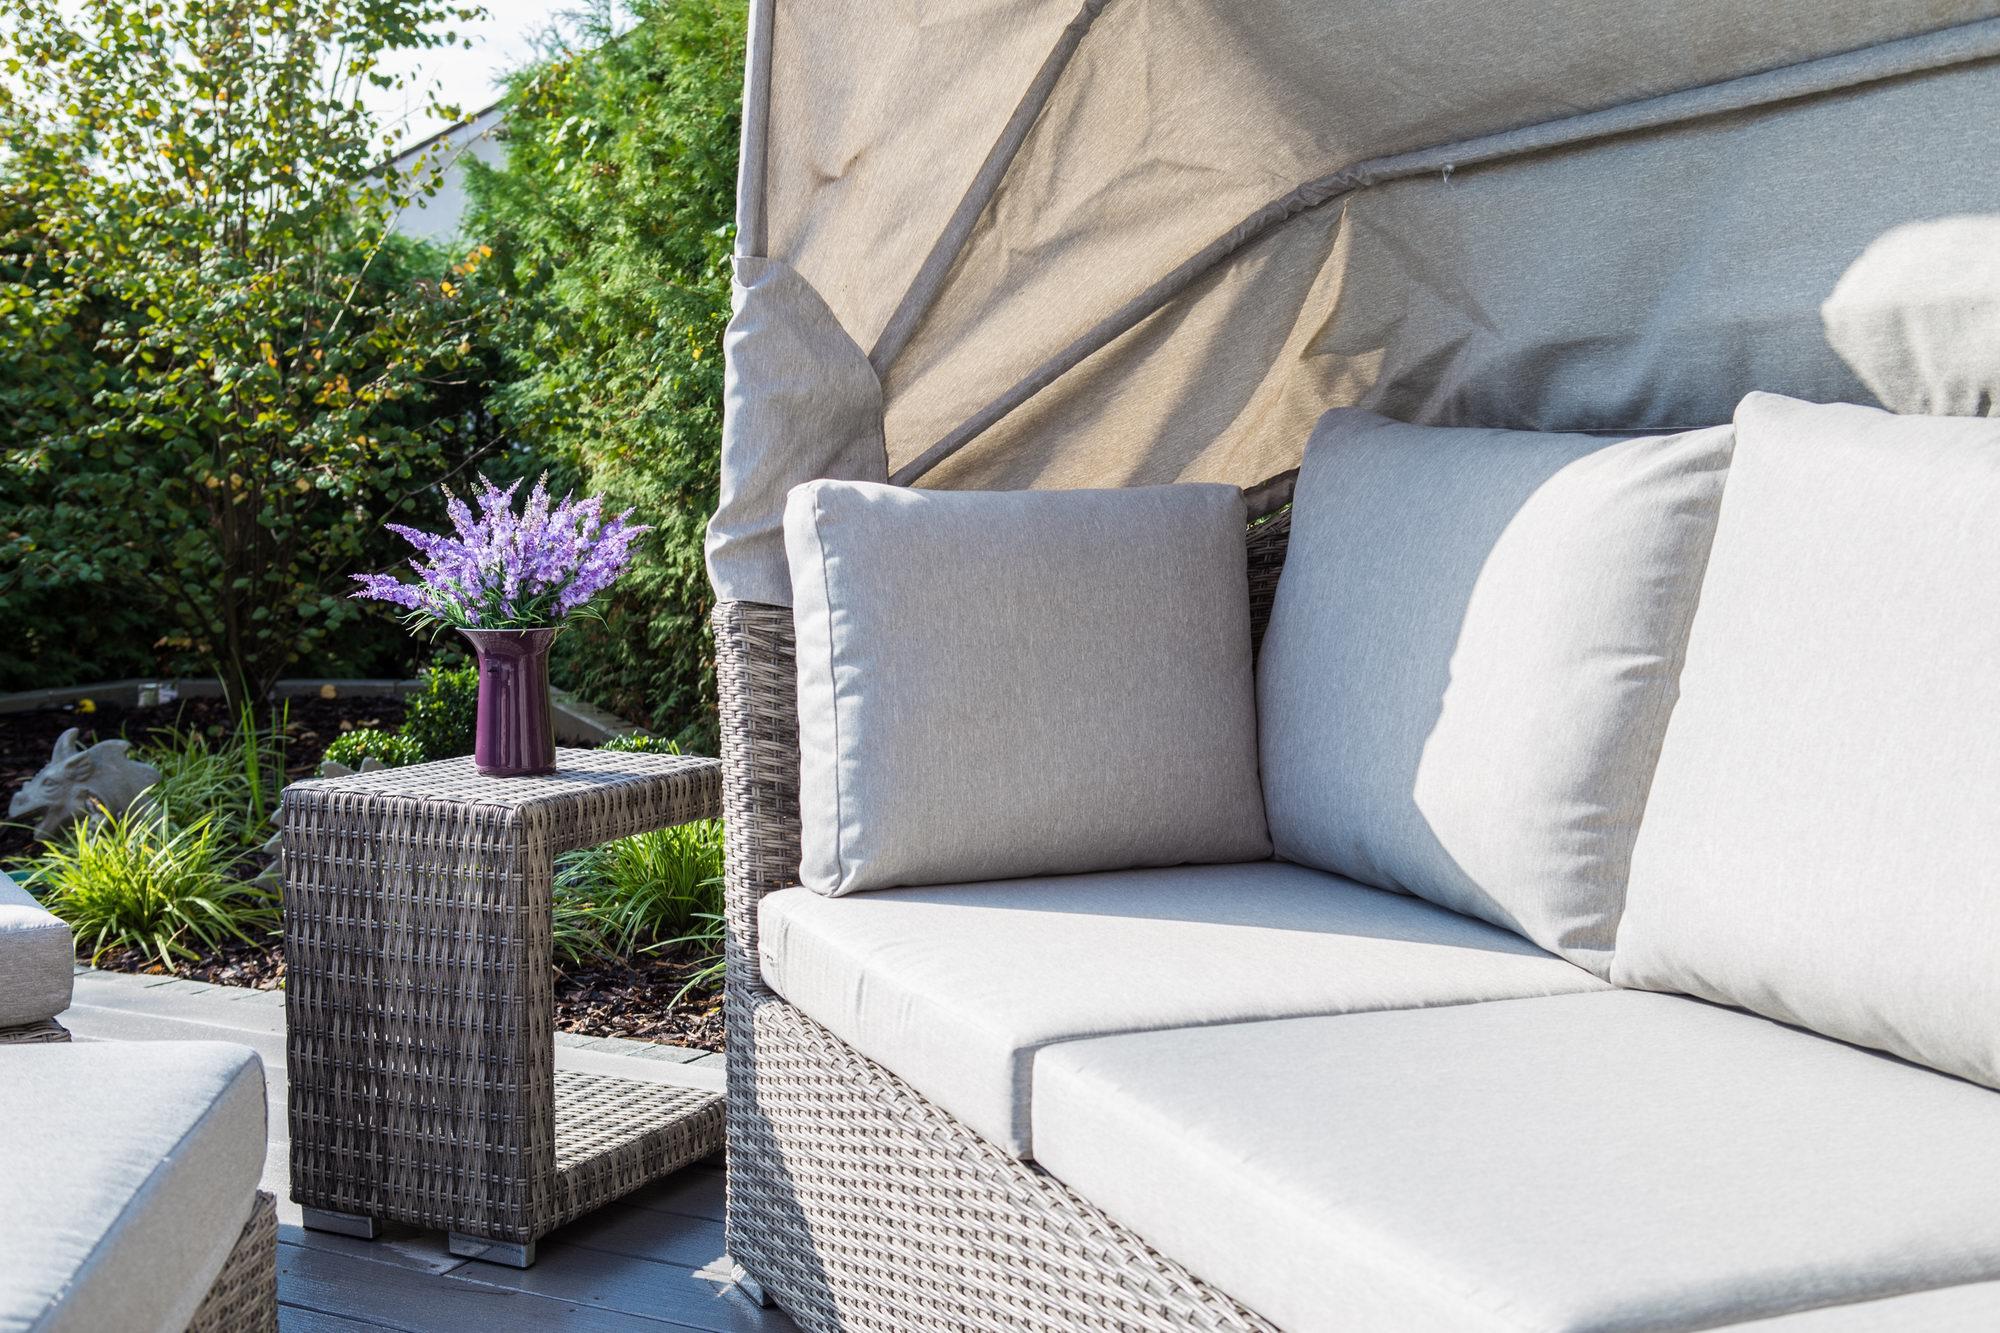 odenwaeller maisch 9892 odenw ller garten landschaftsbau in bruchk bel. Black Bedroom Furniture Sets. Home Design Ideas